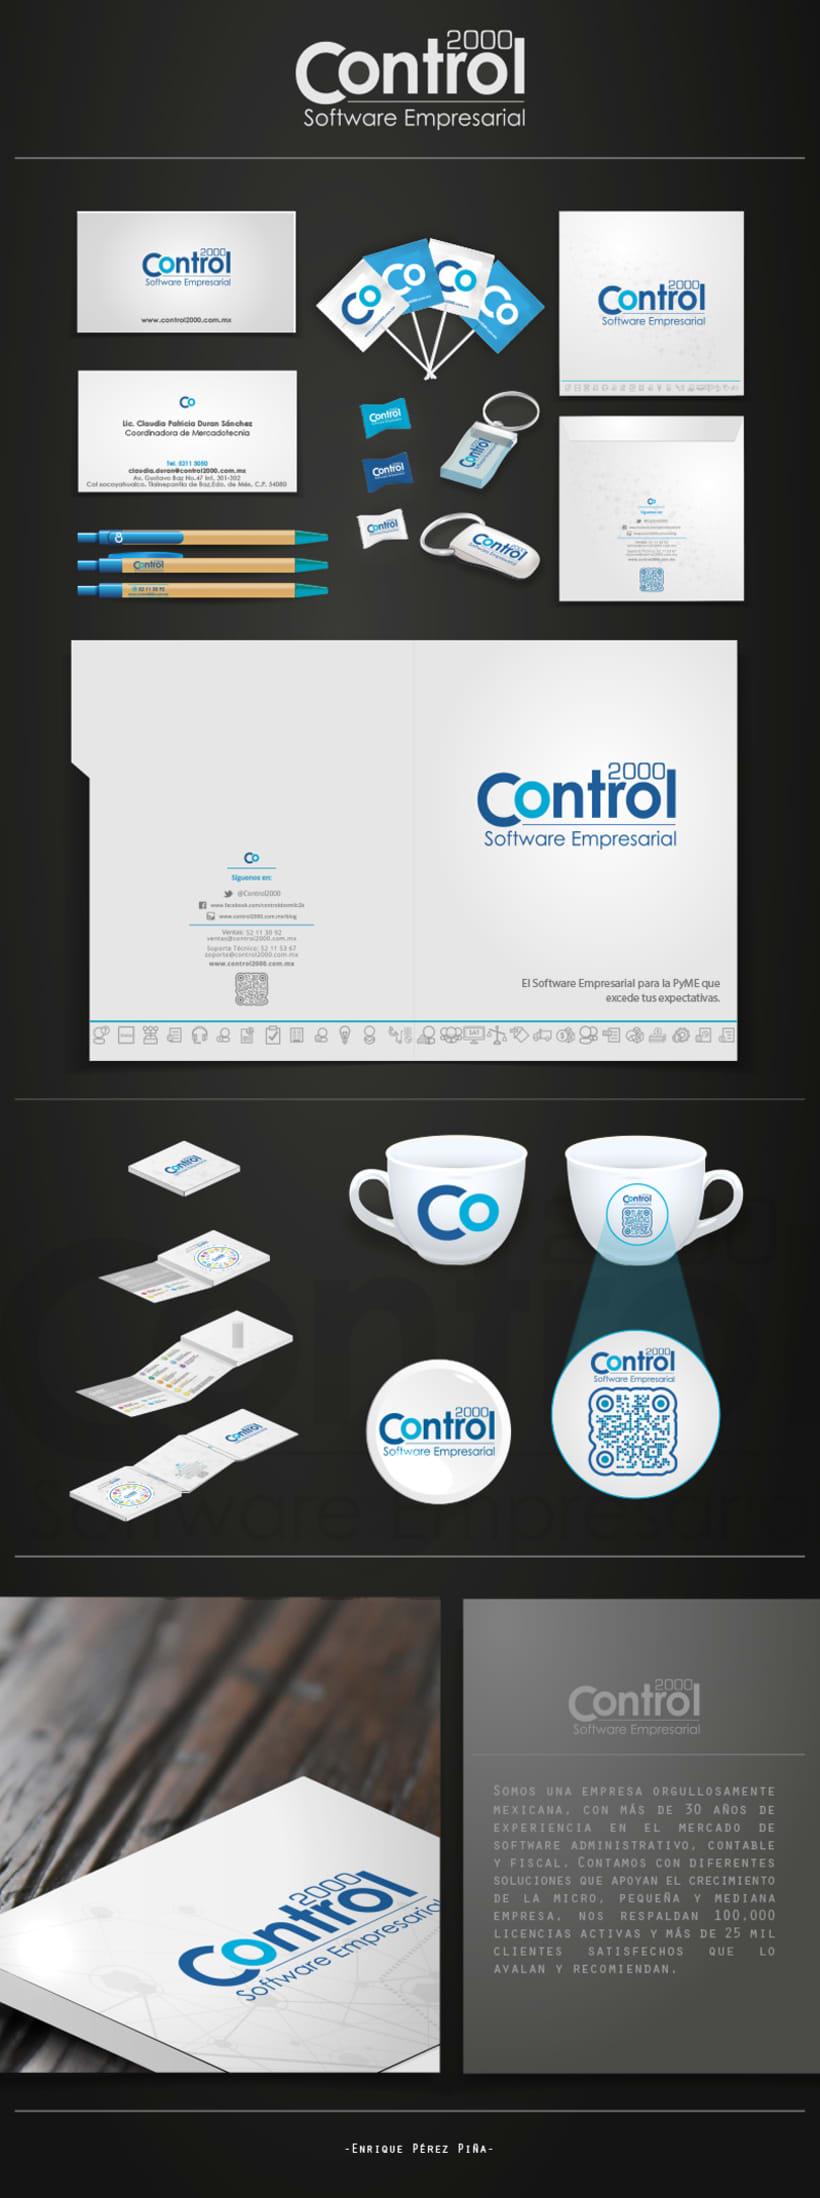 Control 2000 ARTICULOS. 0